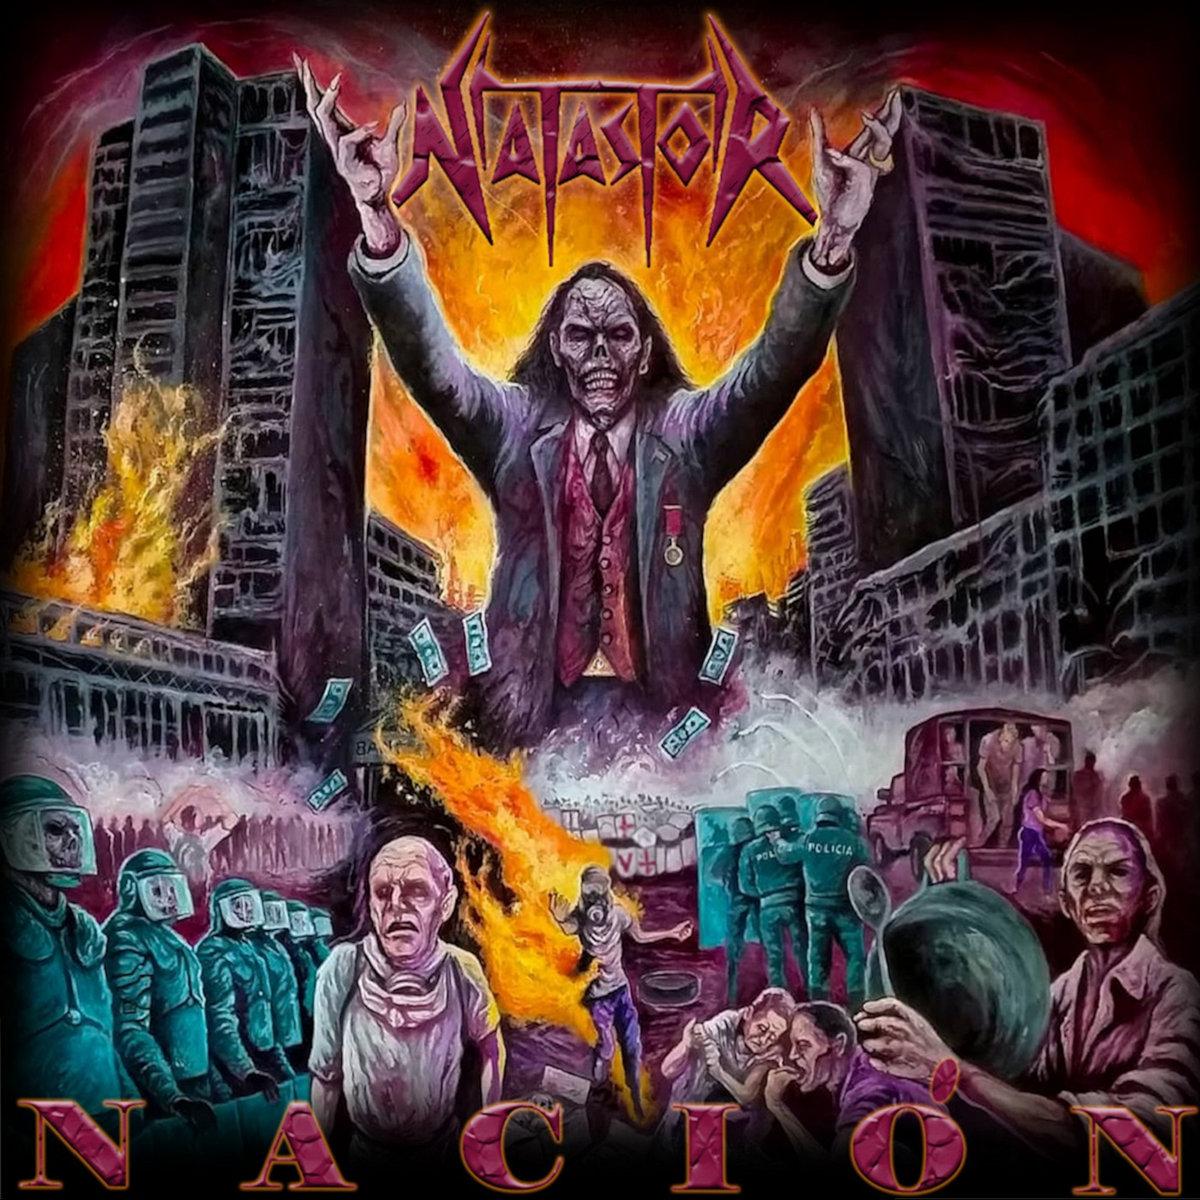 Nación   Natastor